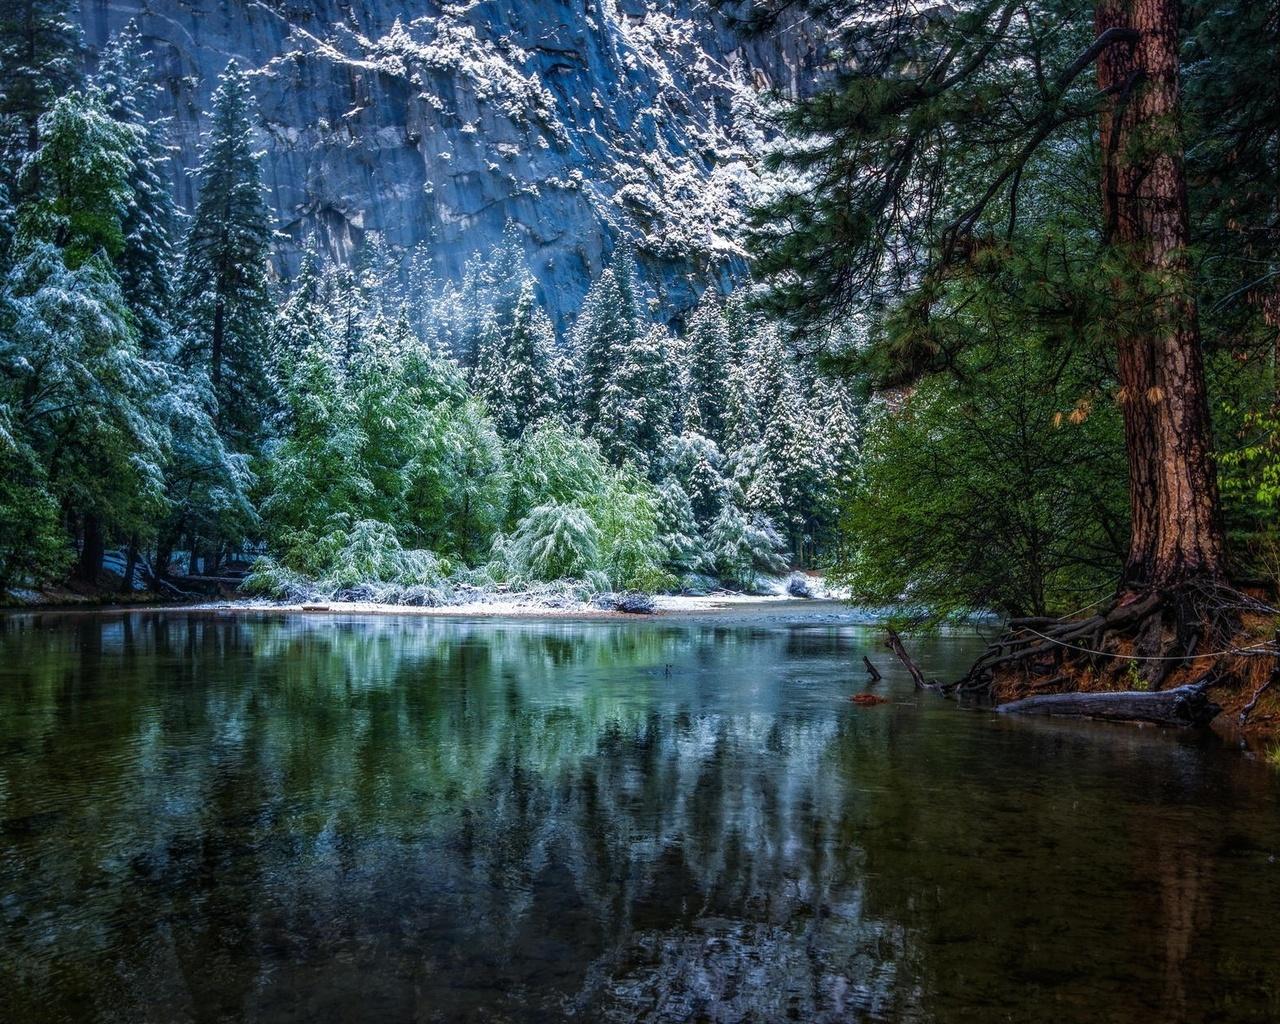 природа, лес, горная река, горы, красиво, иней, снег, красиво